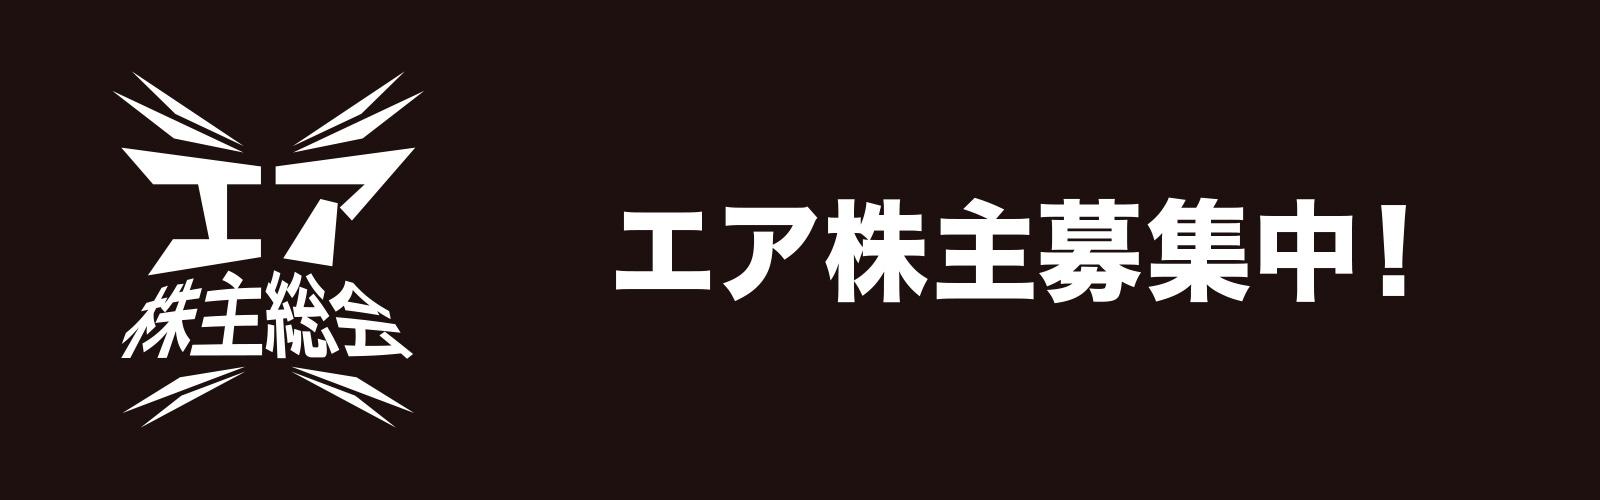 エア株主総会・エア株主募集中